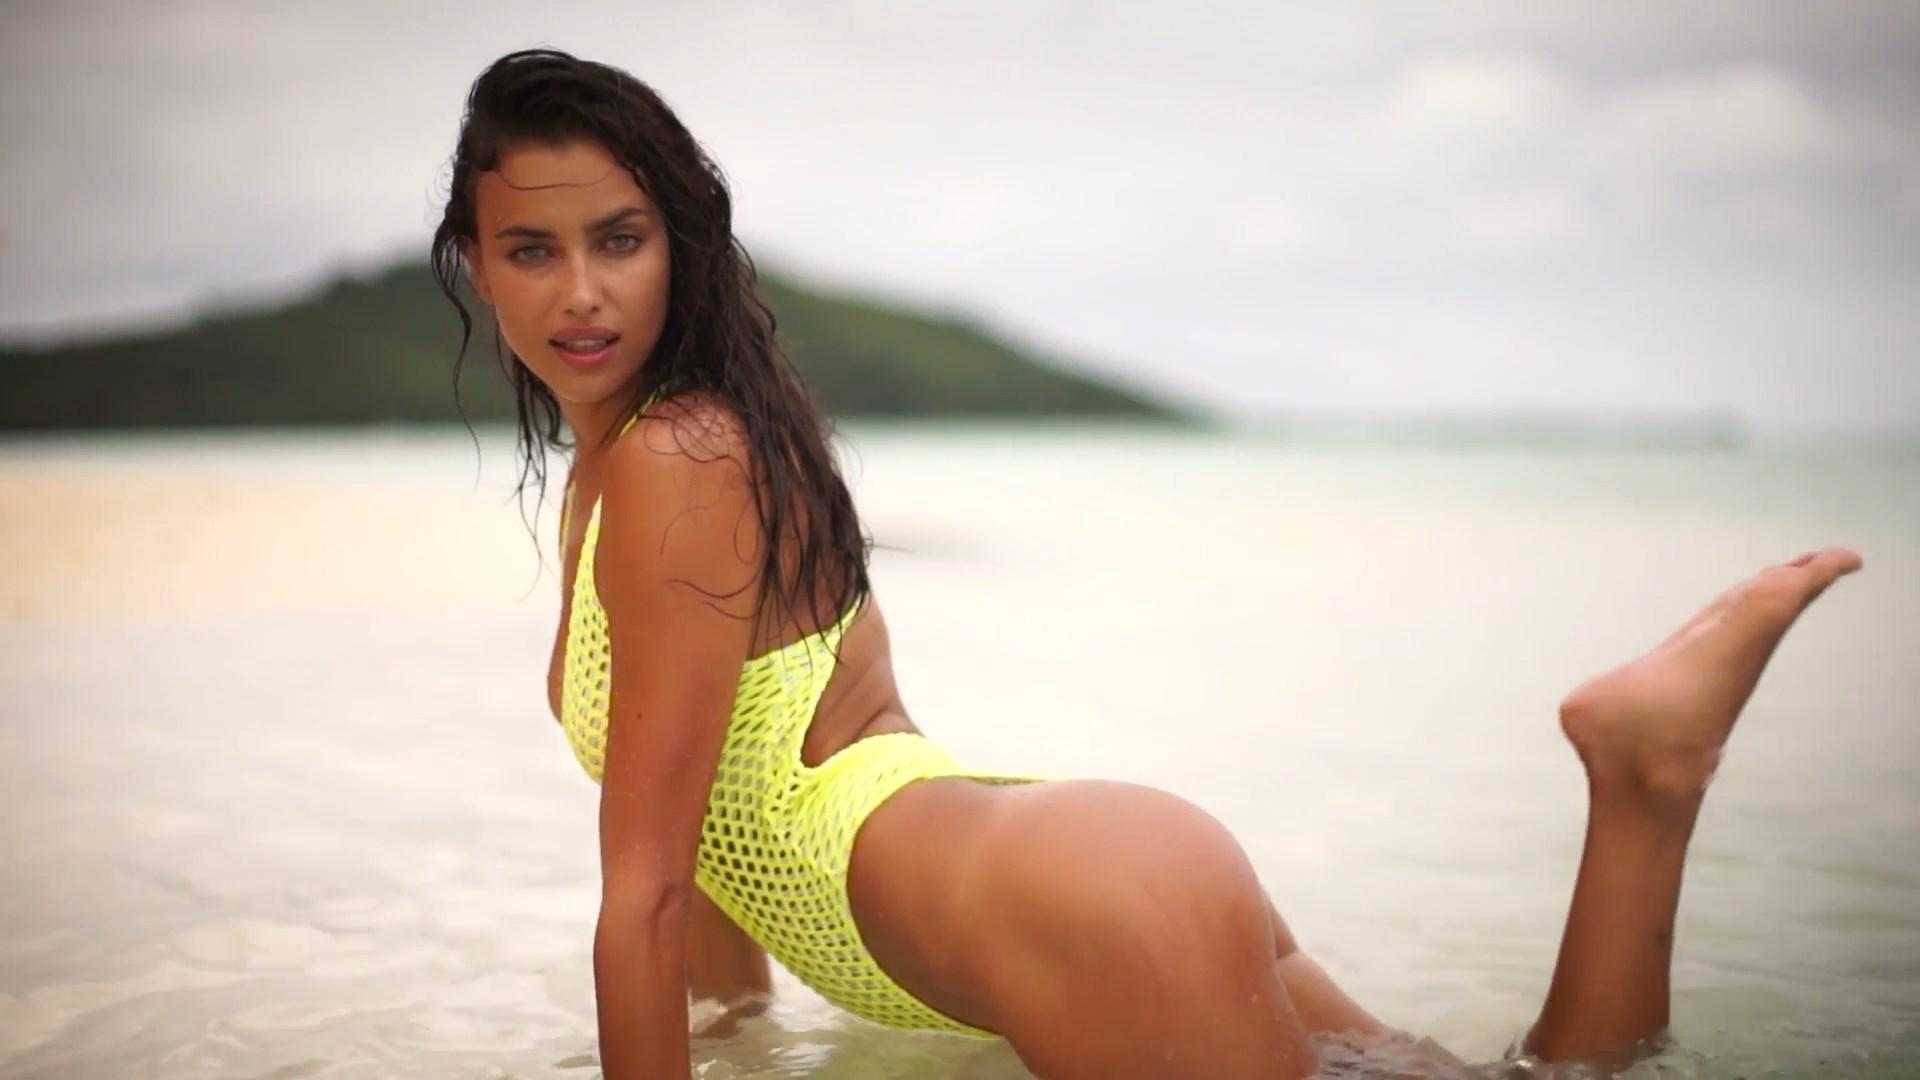 Irina Shayk sex